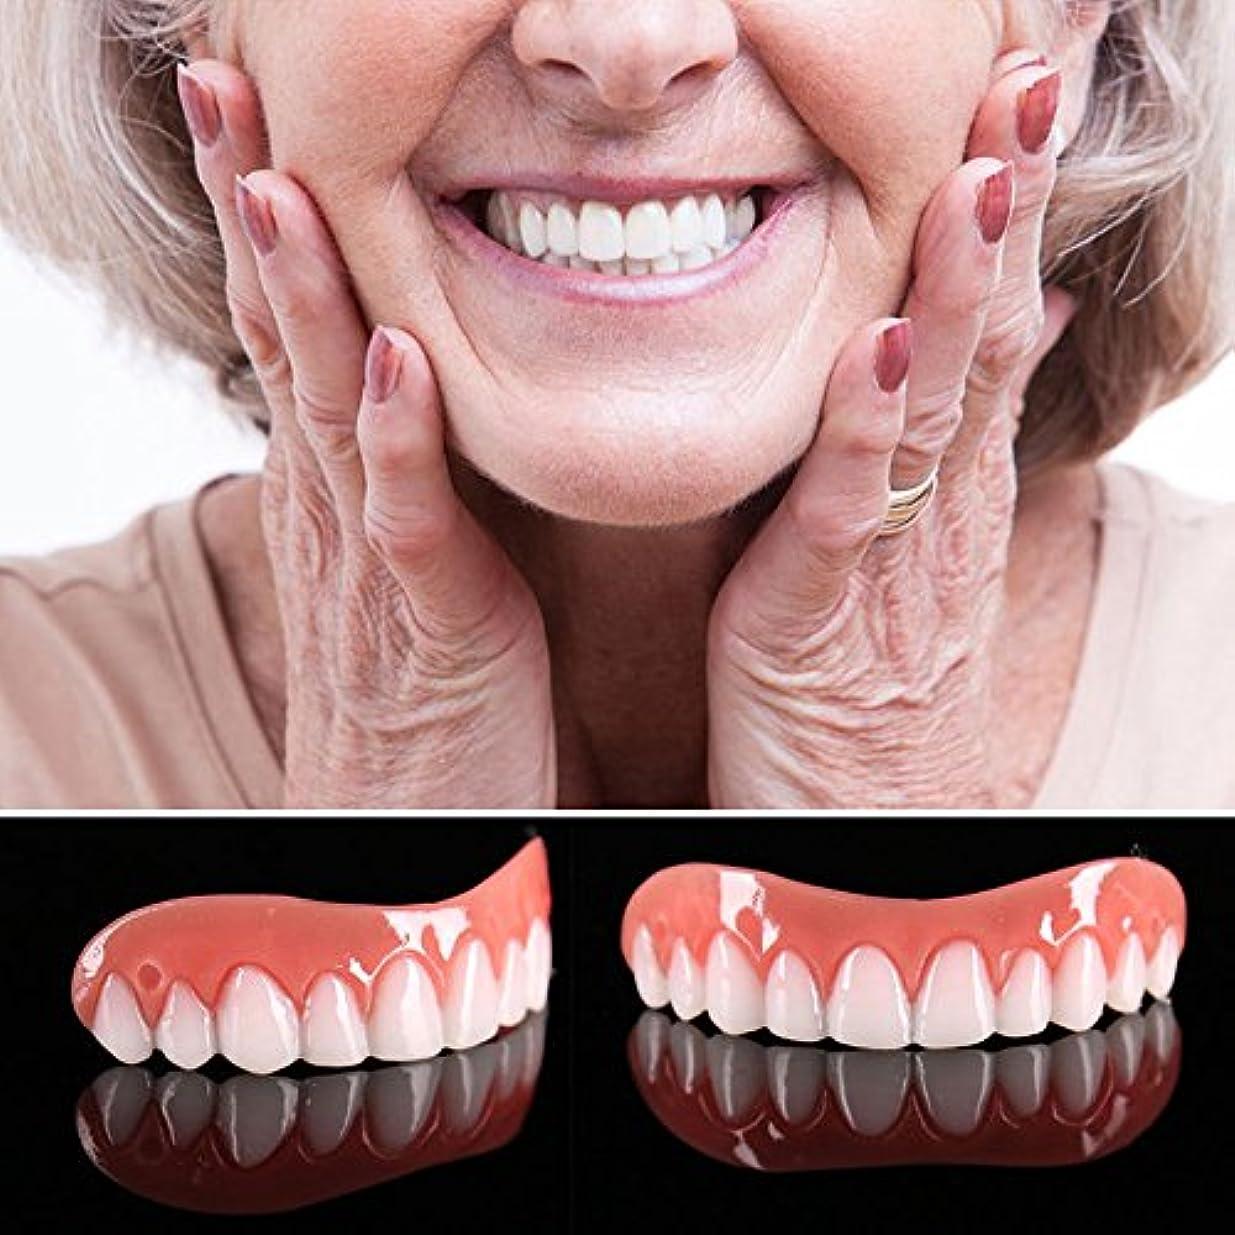 ランクスペイン語バックアップ5ピースアッパーフェイク歯科用ベニアコンフォートフィット歯トップ化粧品ベニアワンサイズフィットすべての義歯接着剤歯偽義歯歯笑顔